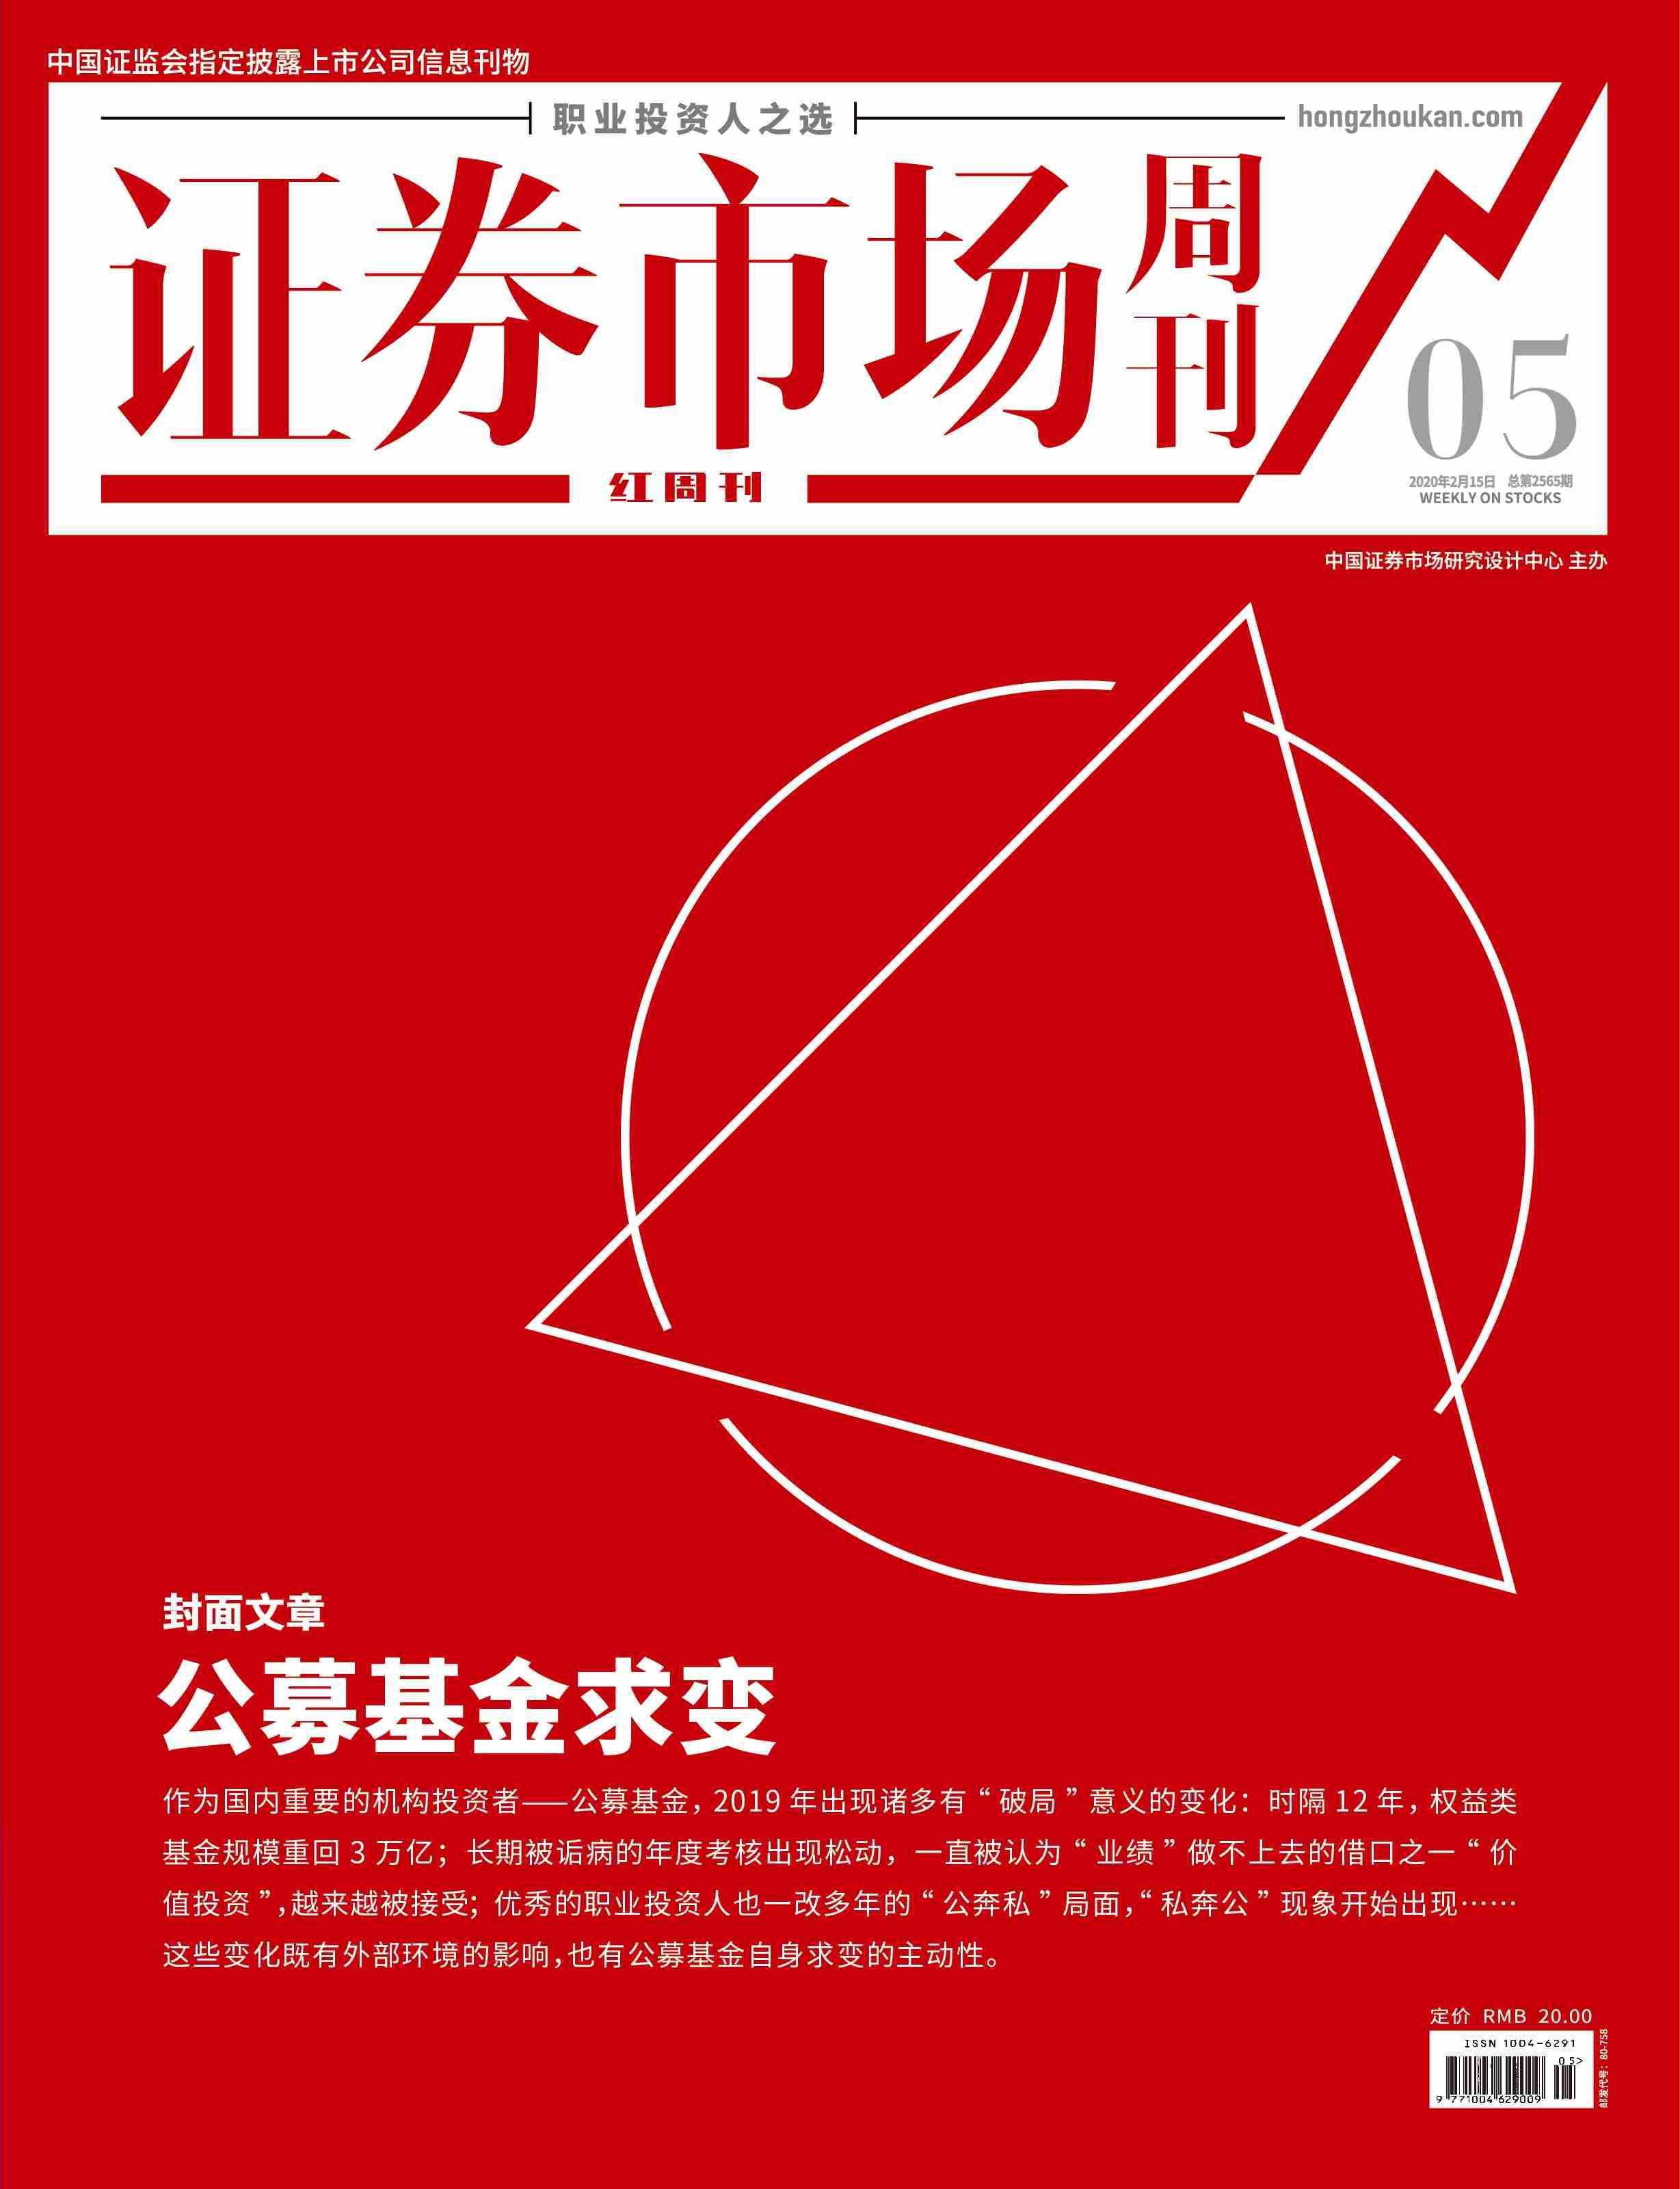 证券市场红周刊2020.05期